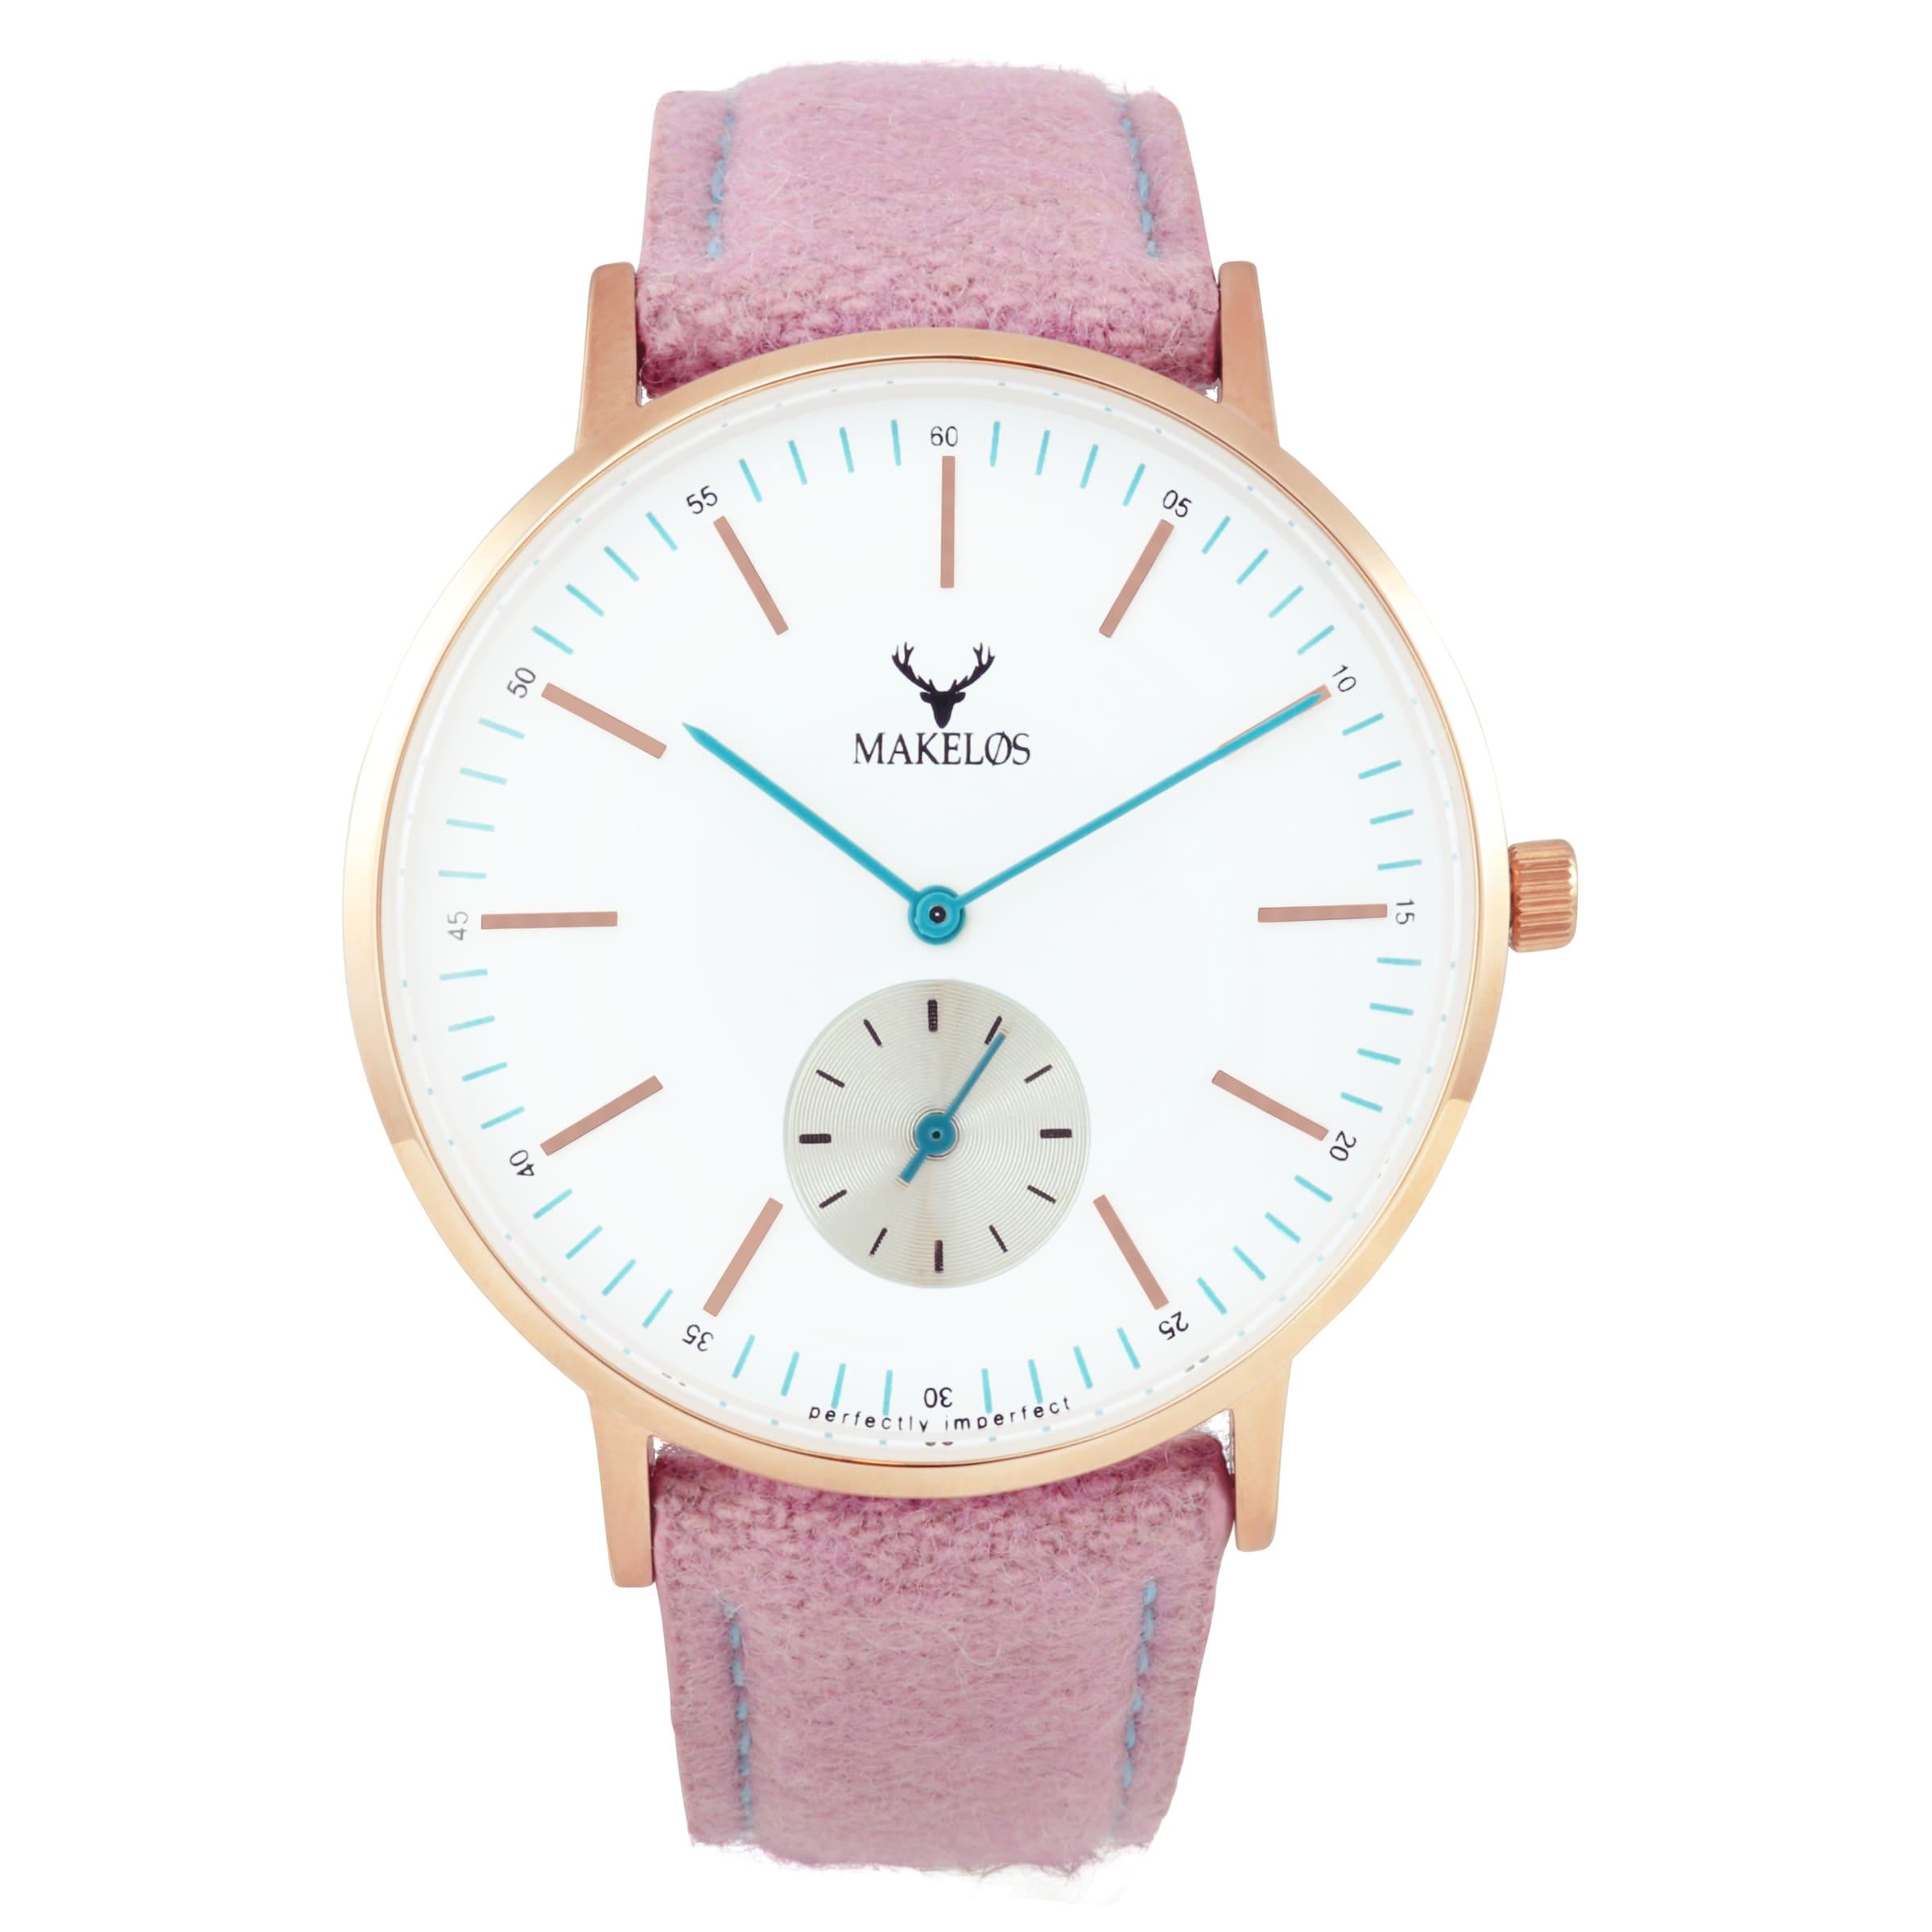 MAKELØS Armbanduhr 'RØD LYSE' in femininem Design Rabatt Erschwinglich Suche Nach Günstiger Online 2018 Günstiger Preis Verkauf Große Überraschung 9A3z3c2D4X